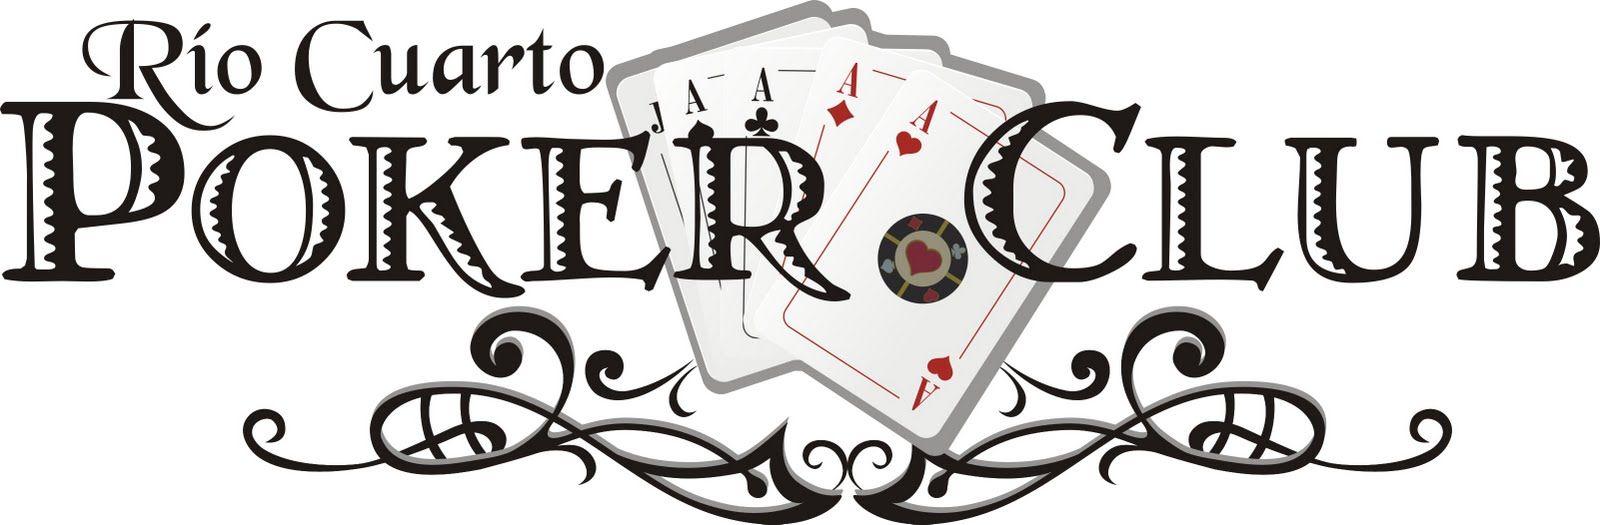 Rio Cuarto Poker club